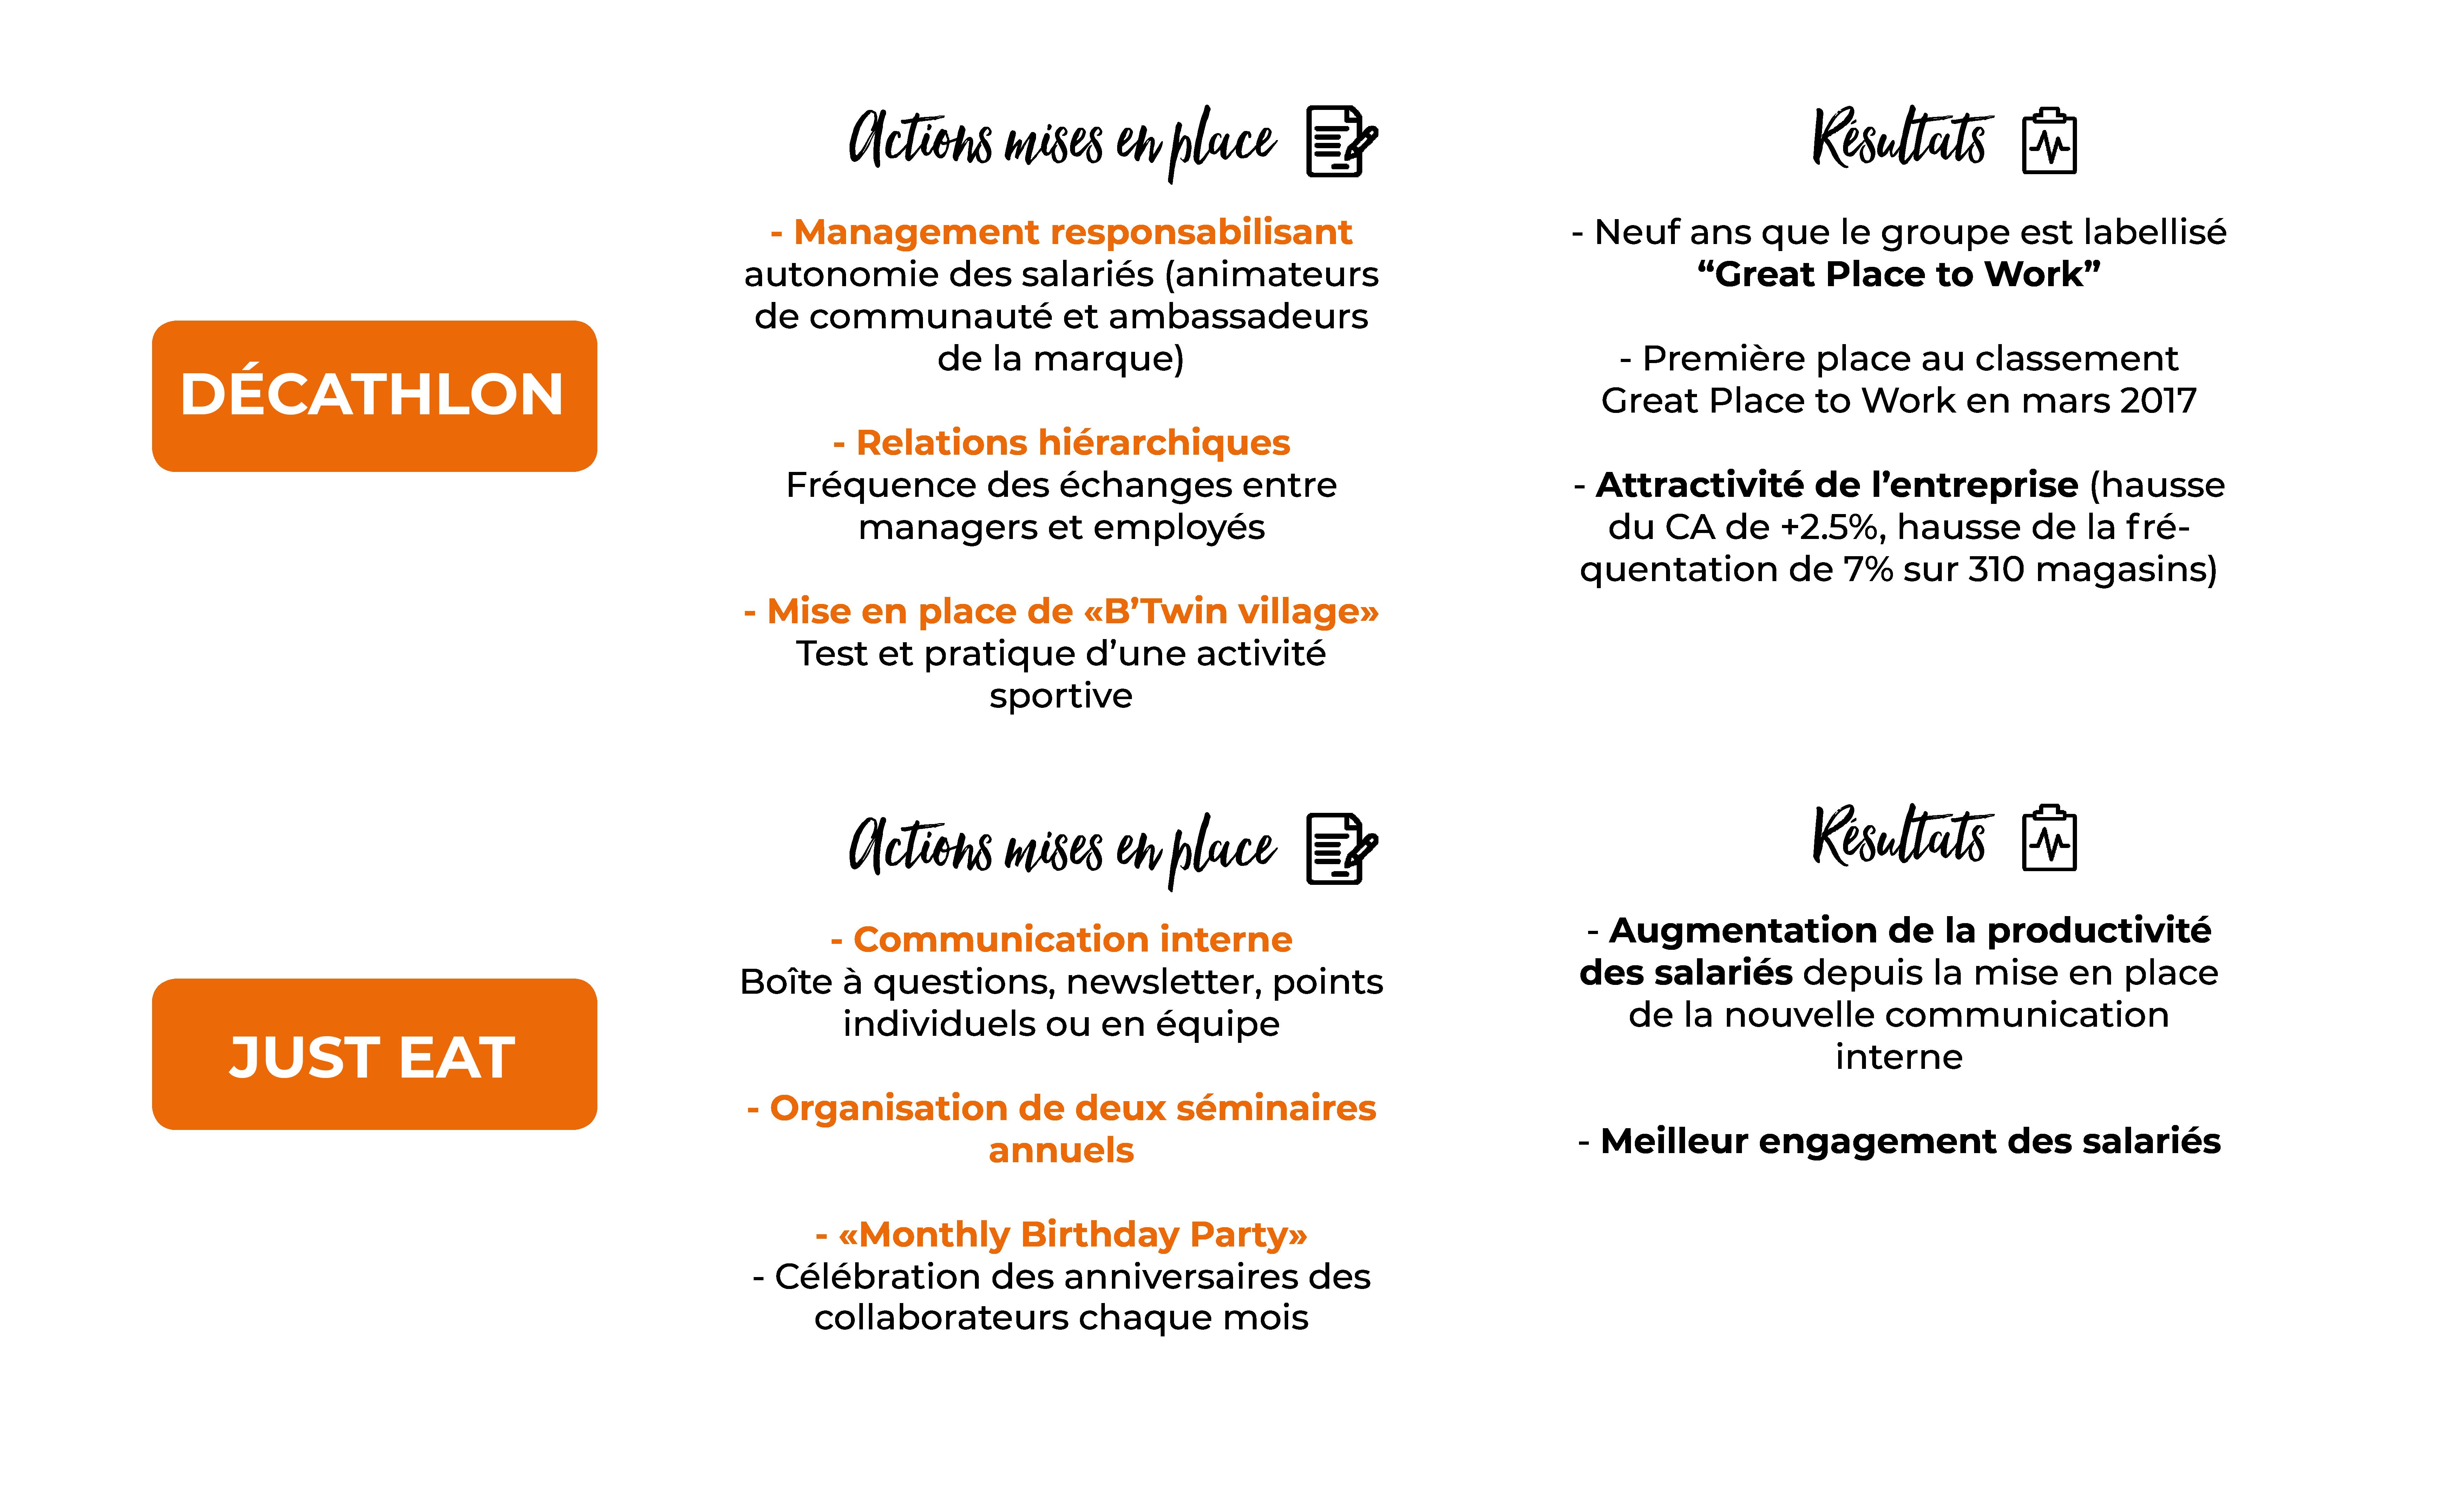 Actions mises en place et résultats pour Décathlon et Just Eat pour améliorer les relations sociales en entreprise